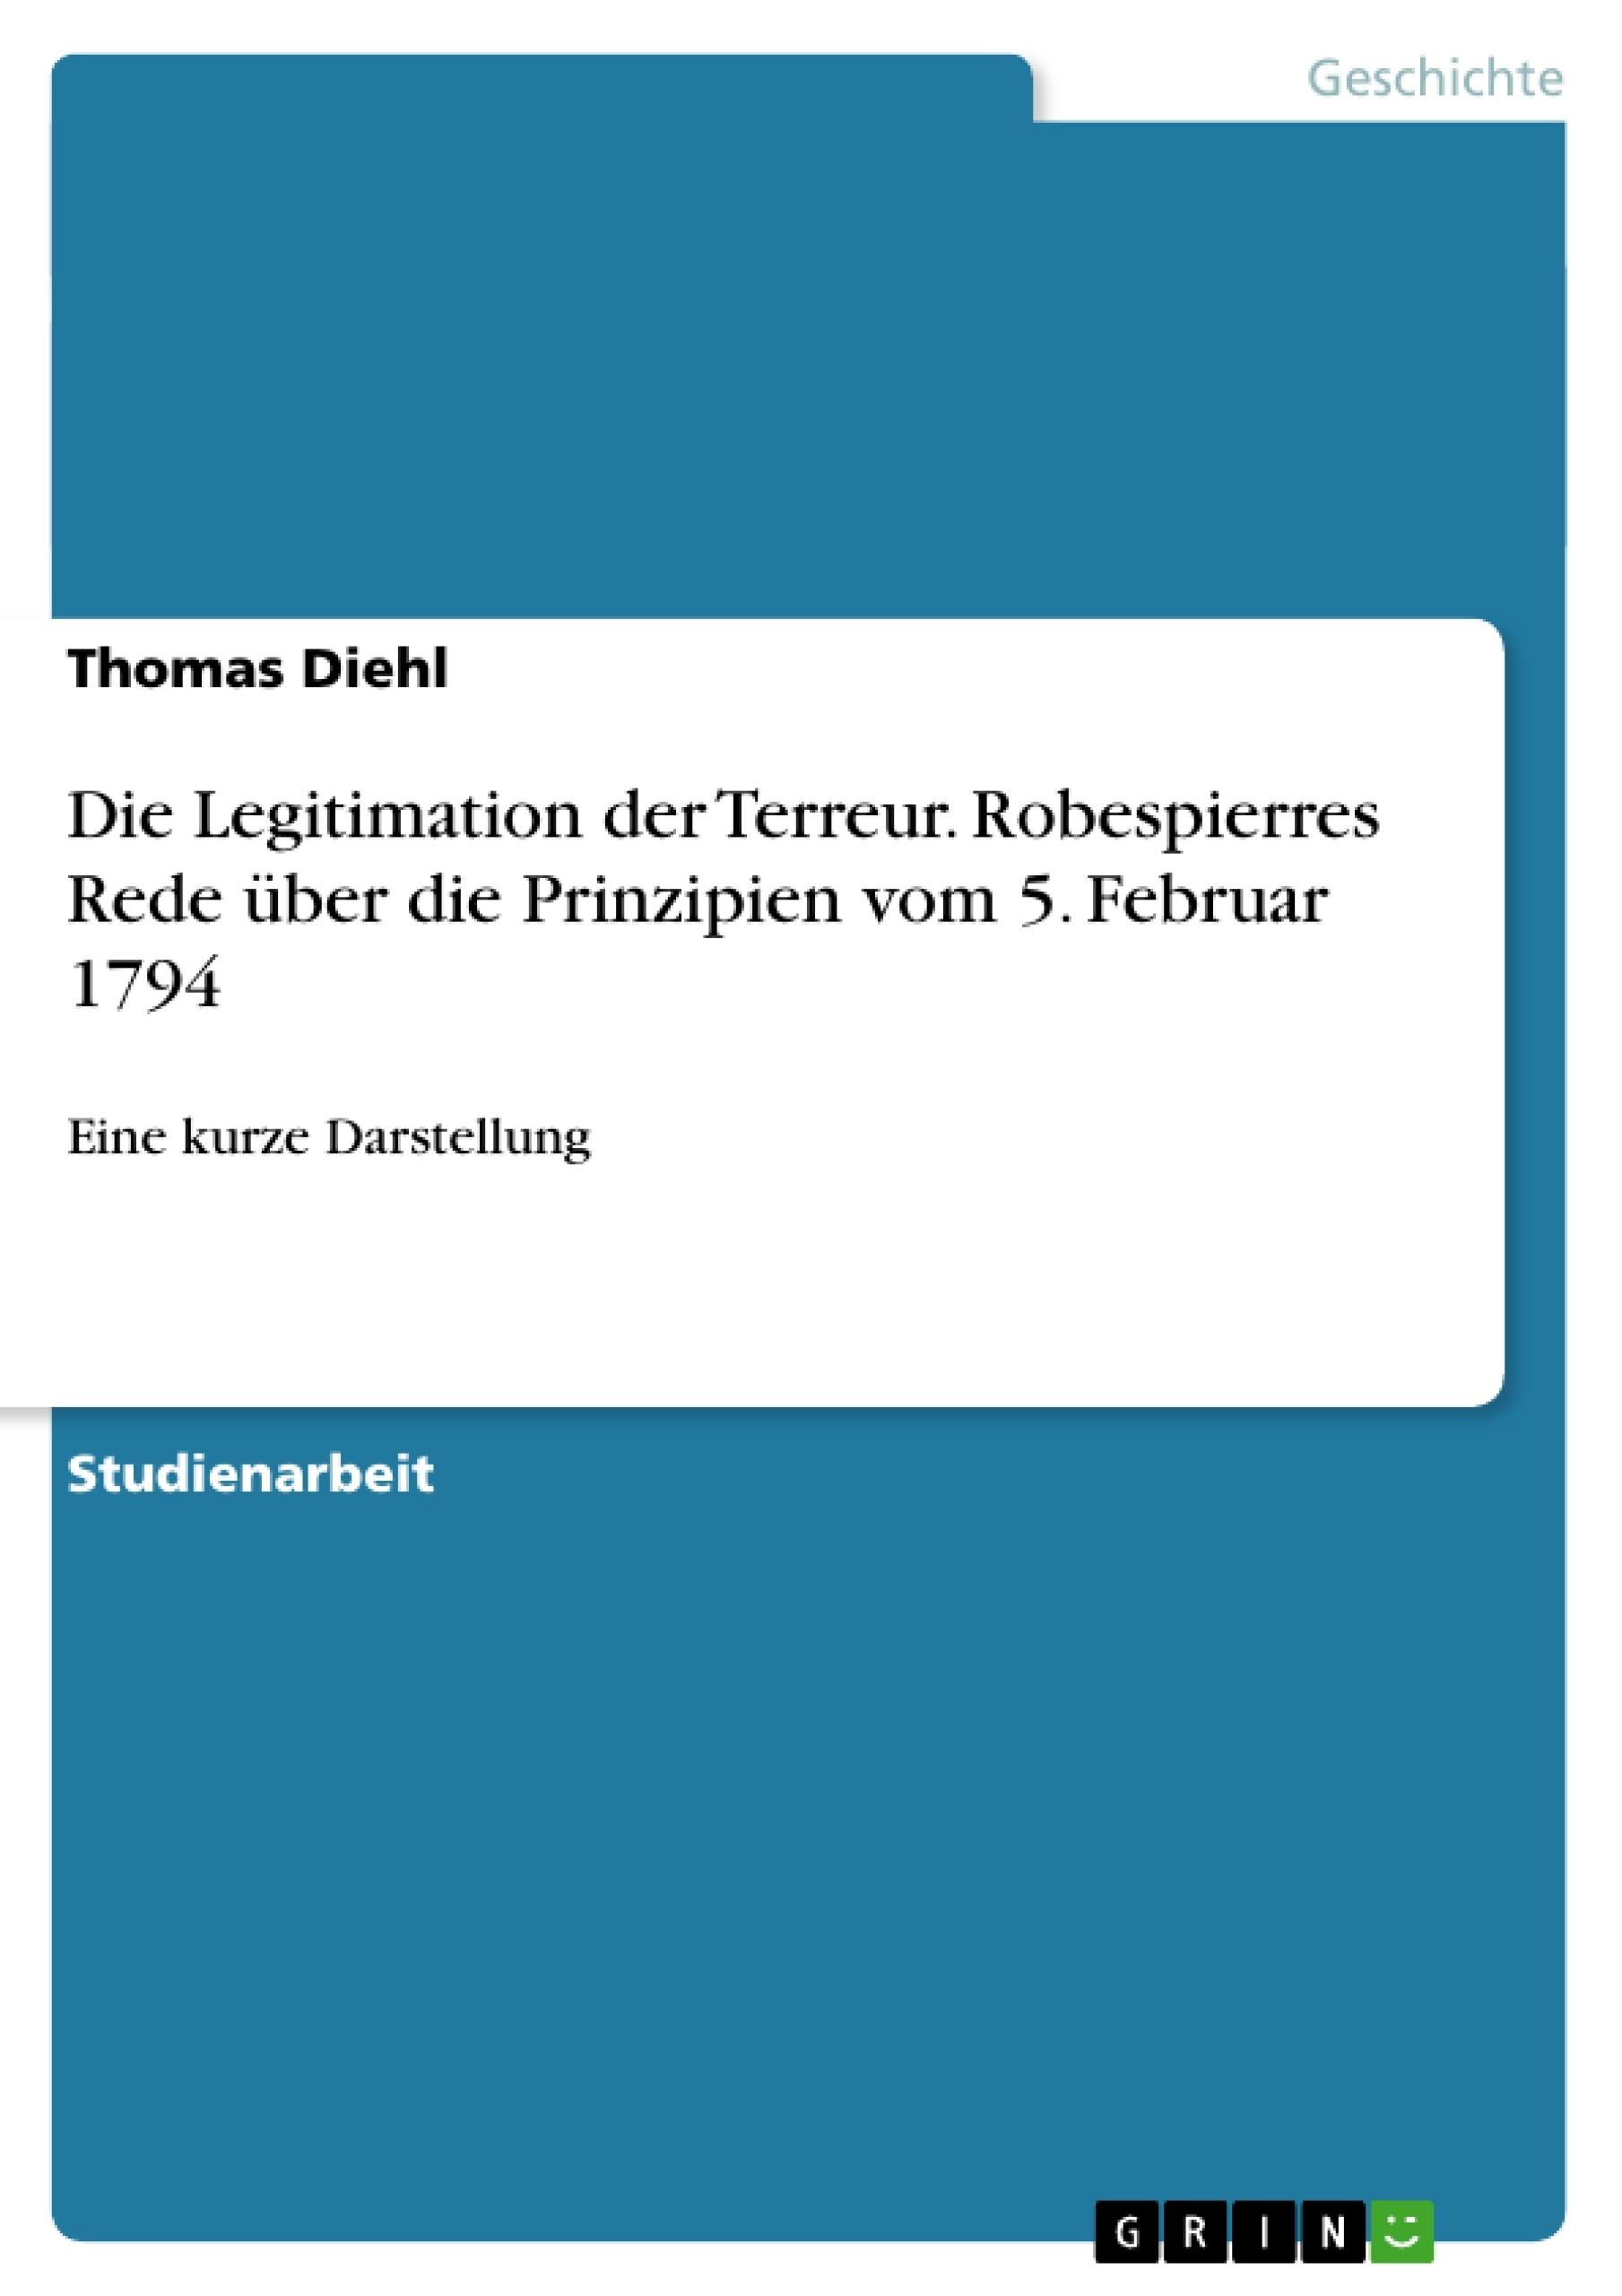 Titel: Die Legitimation der Terreur. Robespierres Rede über die Prinzipien vom 5. Februar 1794